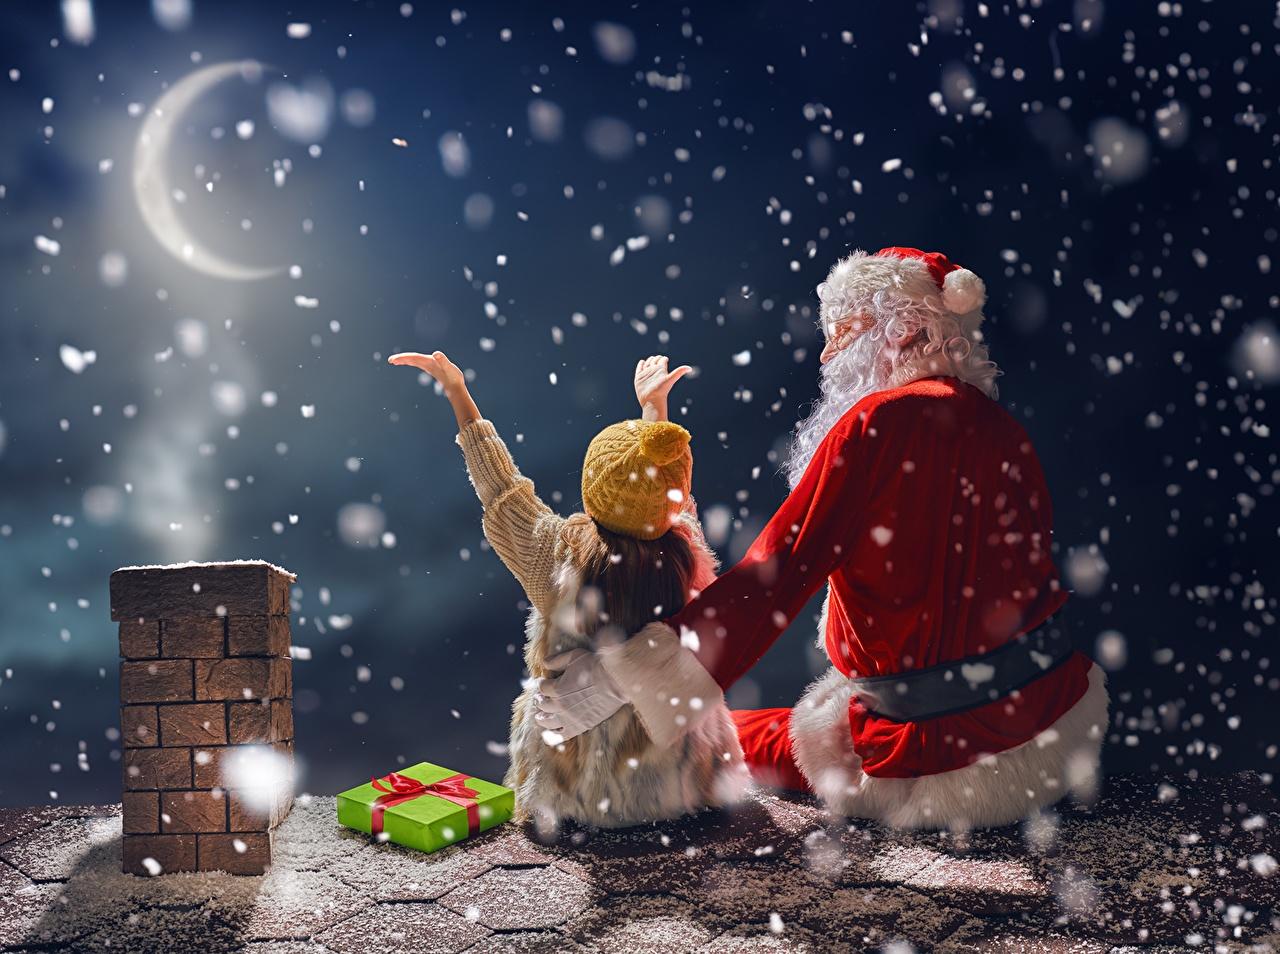 Картинки девочка Новый год Дети шапка крыше снежинка Дед Мороз луной Ночь Полумесяц Праздники Девочки Рождество ребёнок Шапки Крыша краши в шапке Снежинки Санта-Клаус Луна луны ночью в ночи Ночные лунный серп